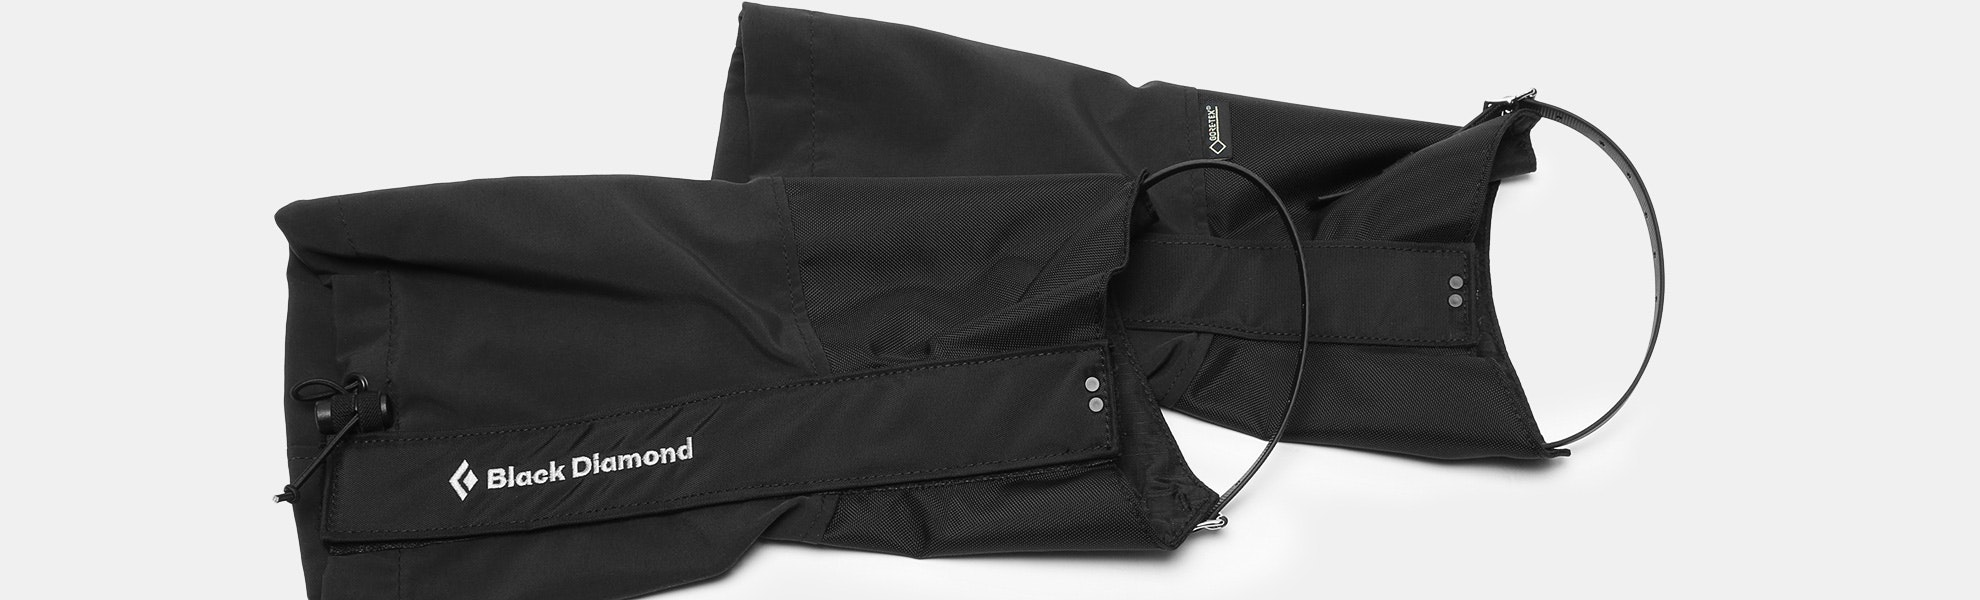 Black diamond frontpoint jacket